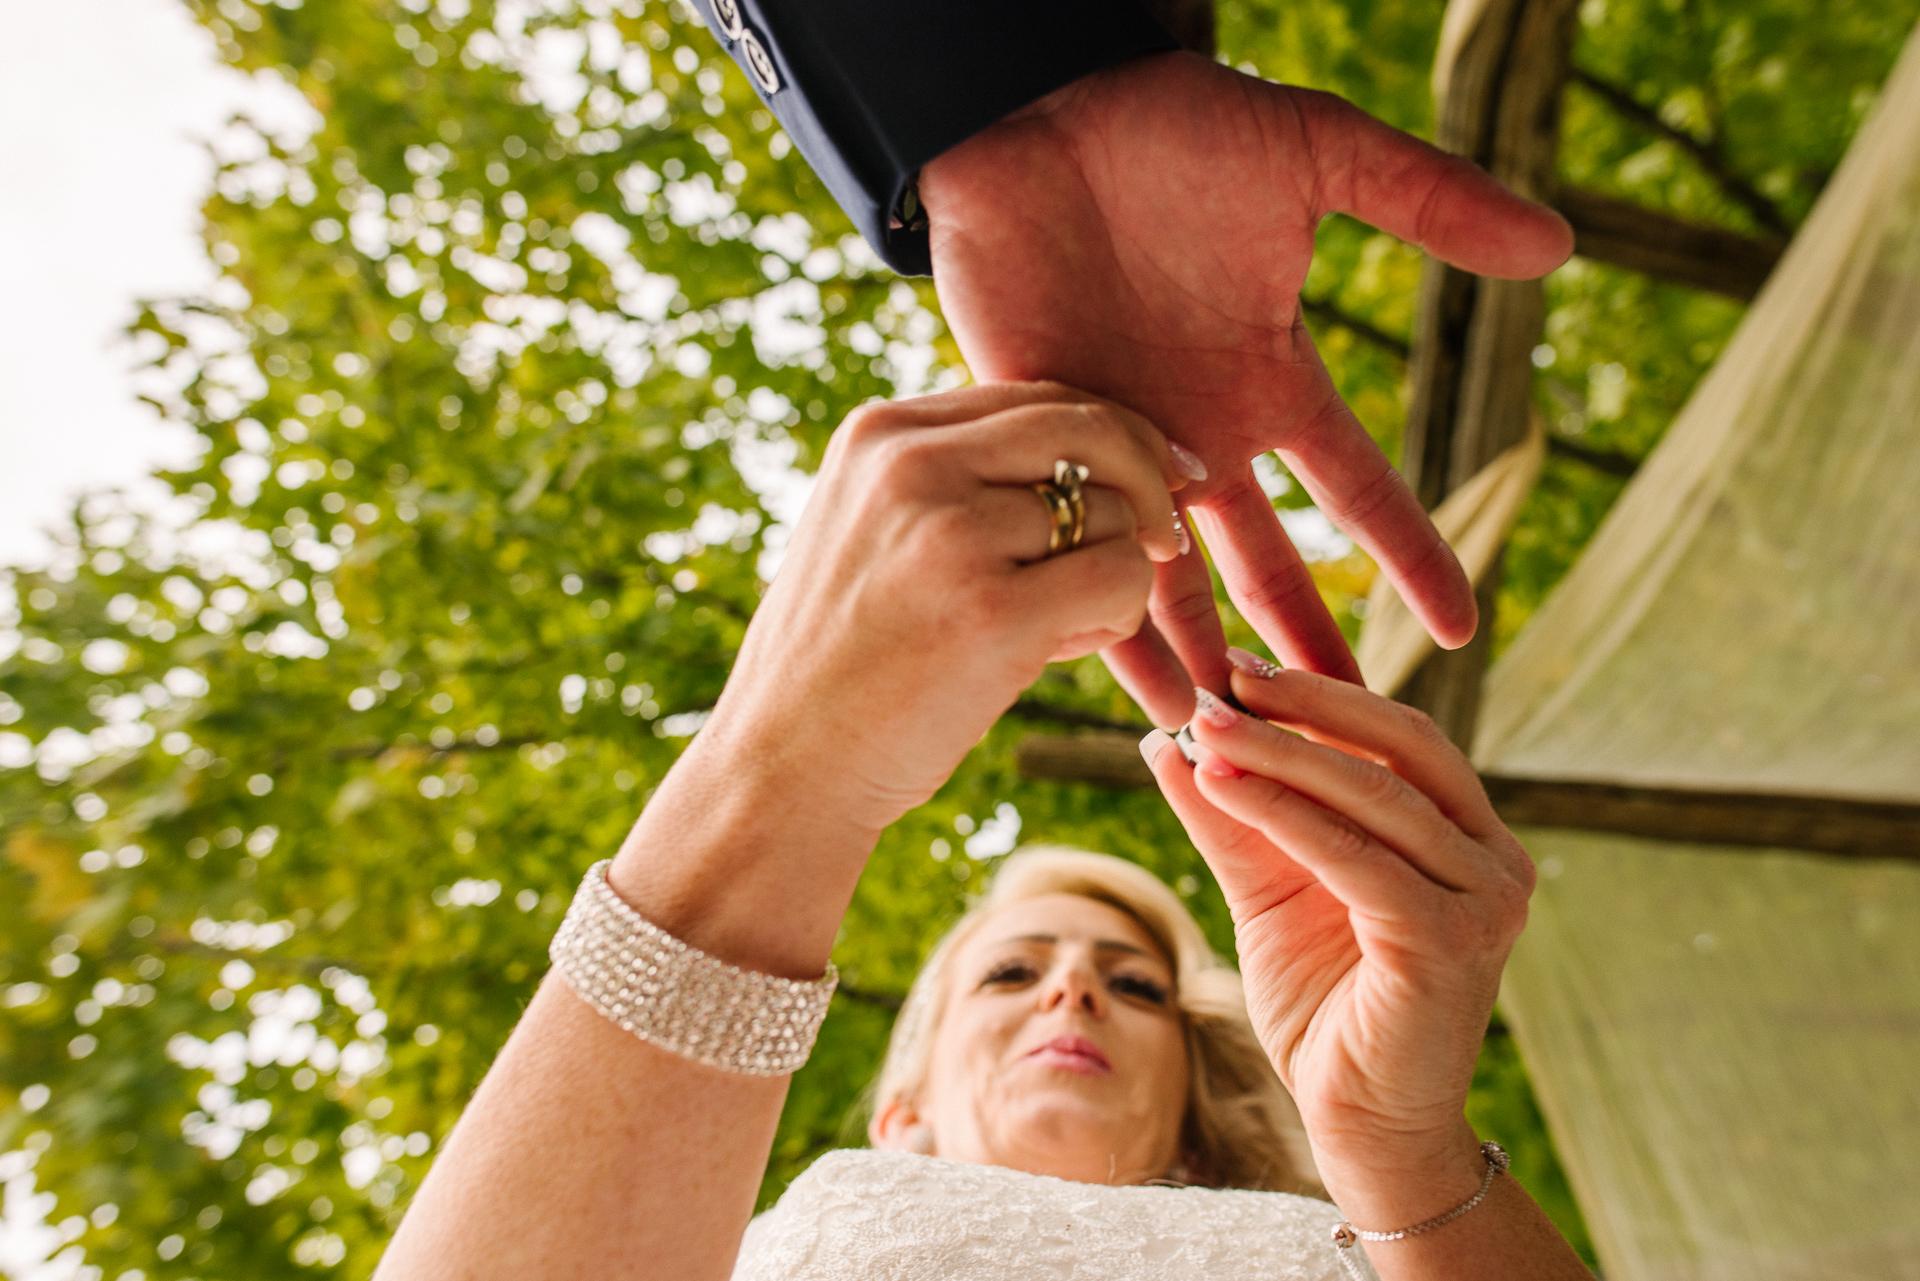 Ontario, Kanada Hochzeit im Freien Bild | Die Braut legt den Ehering auf den Finger des Bräutigams